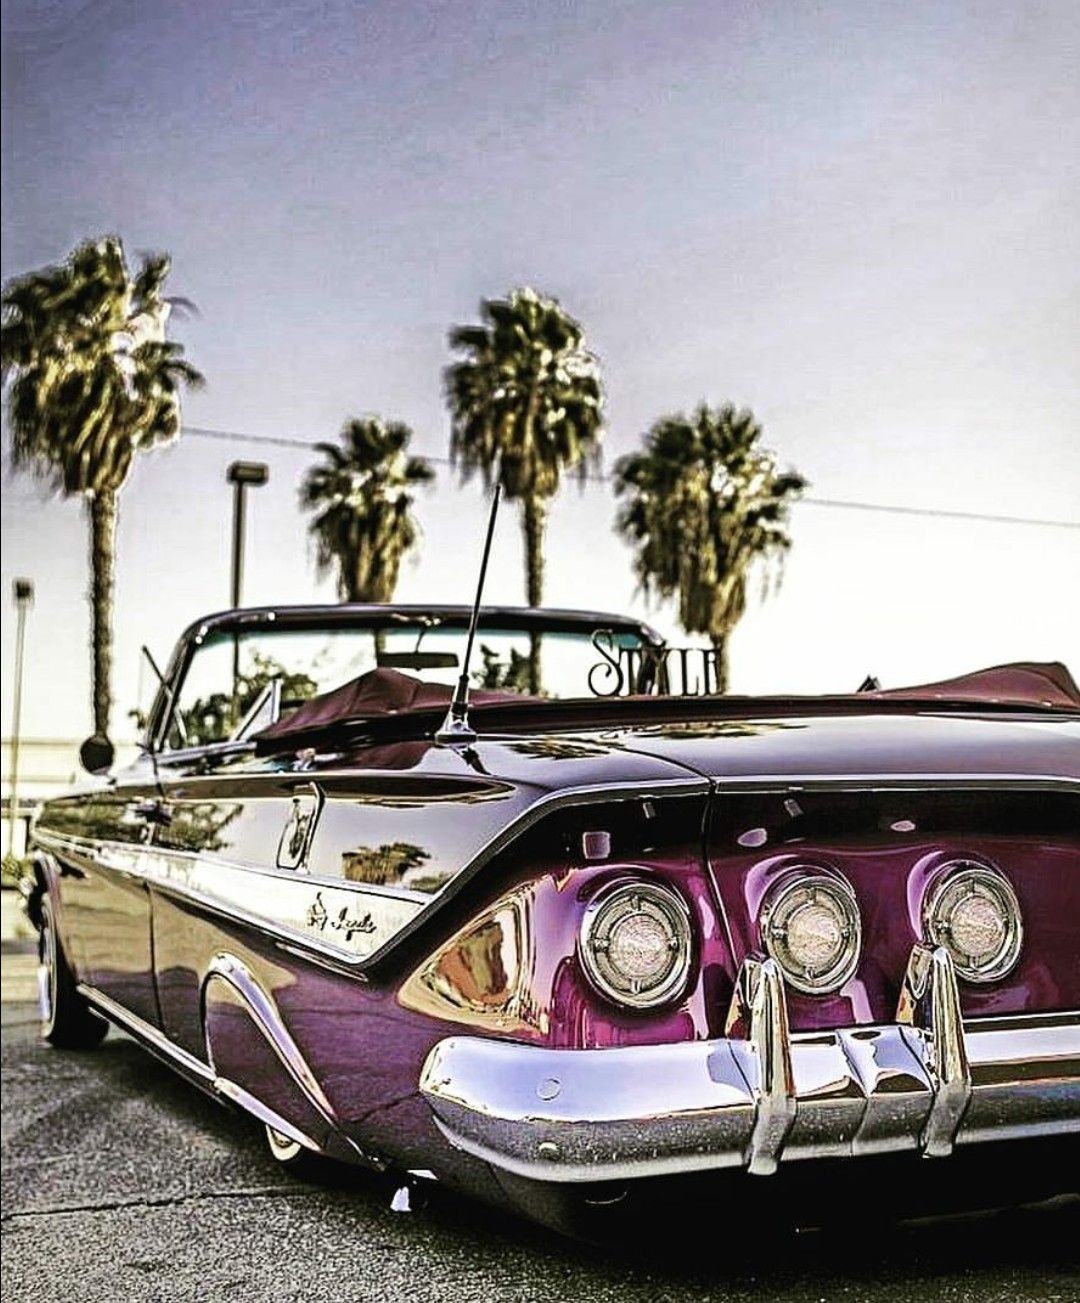 61 Chevy Impala Rag Low Low インパラ アメ車のローライダー ローライダーアート